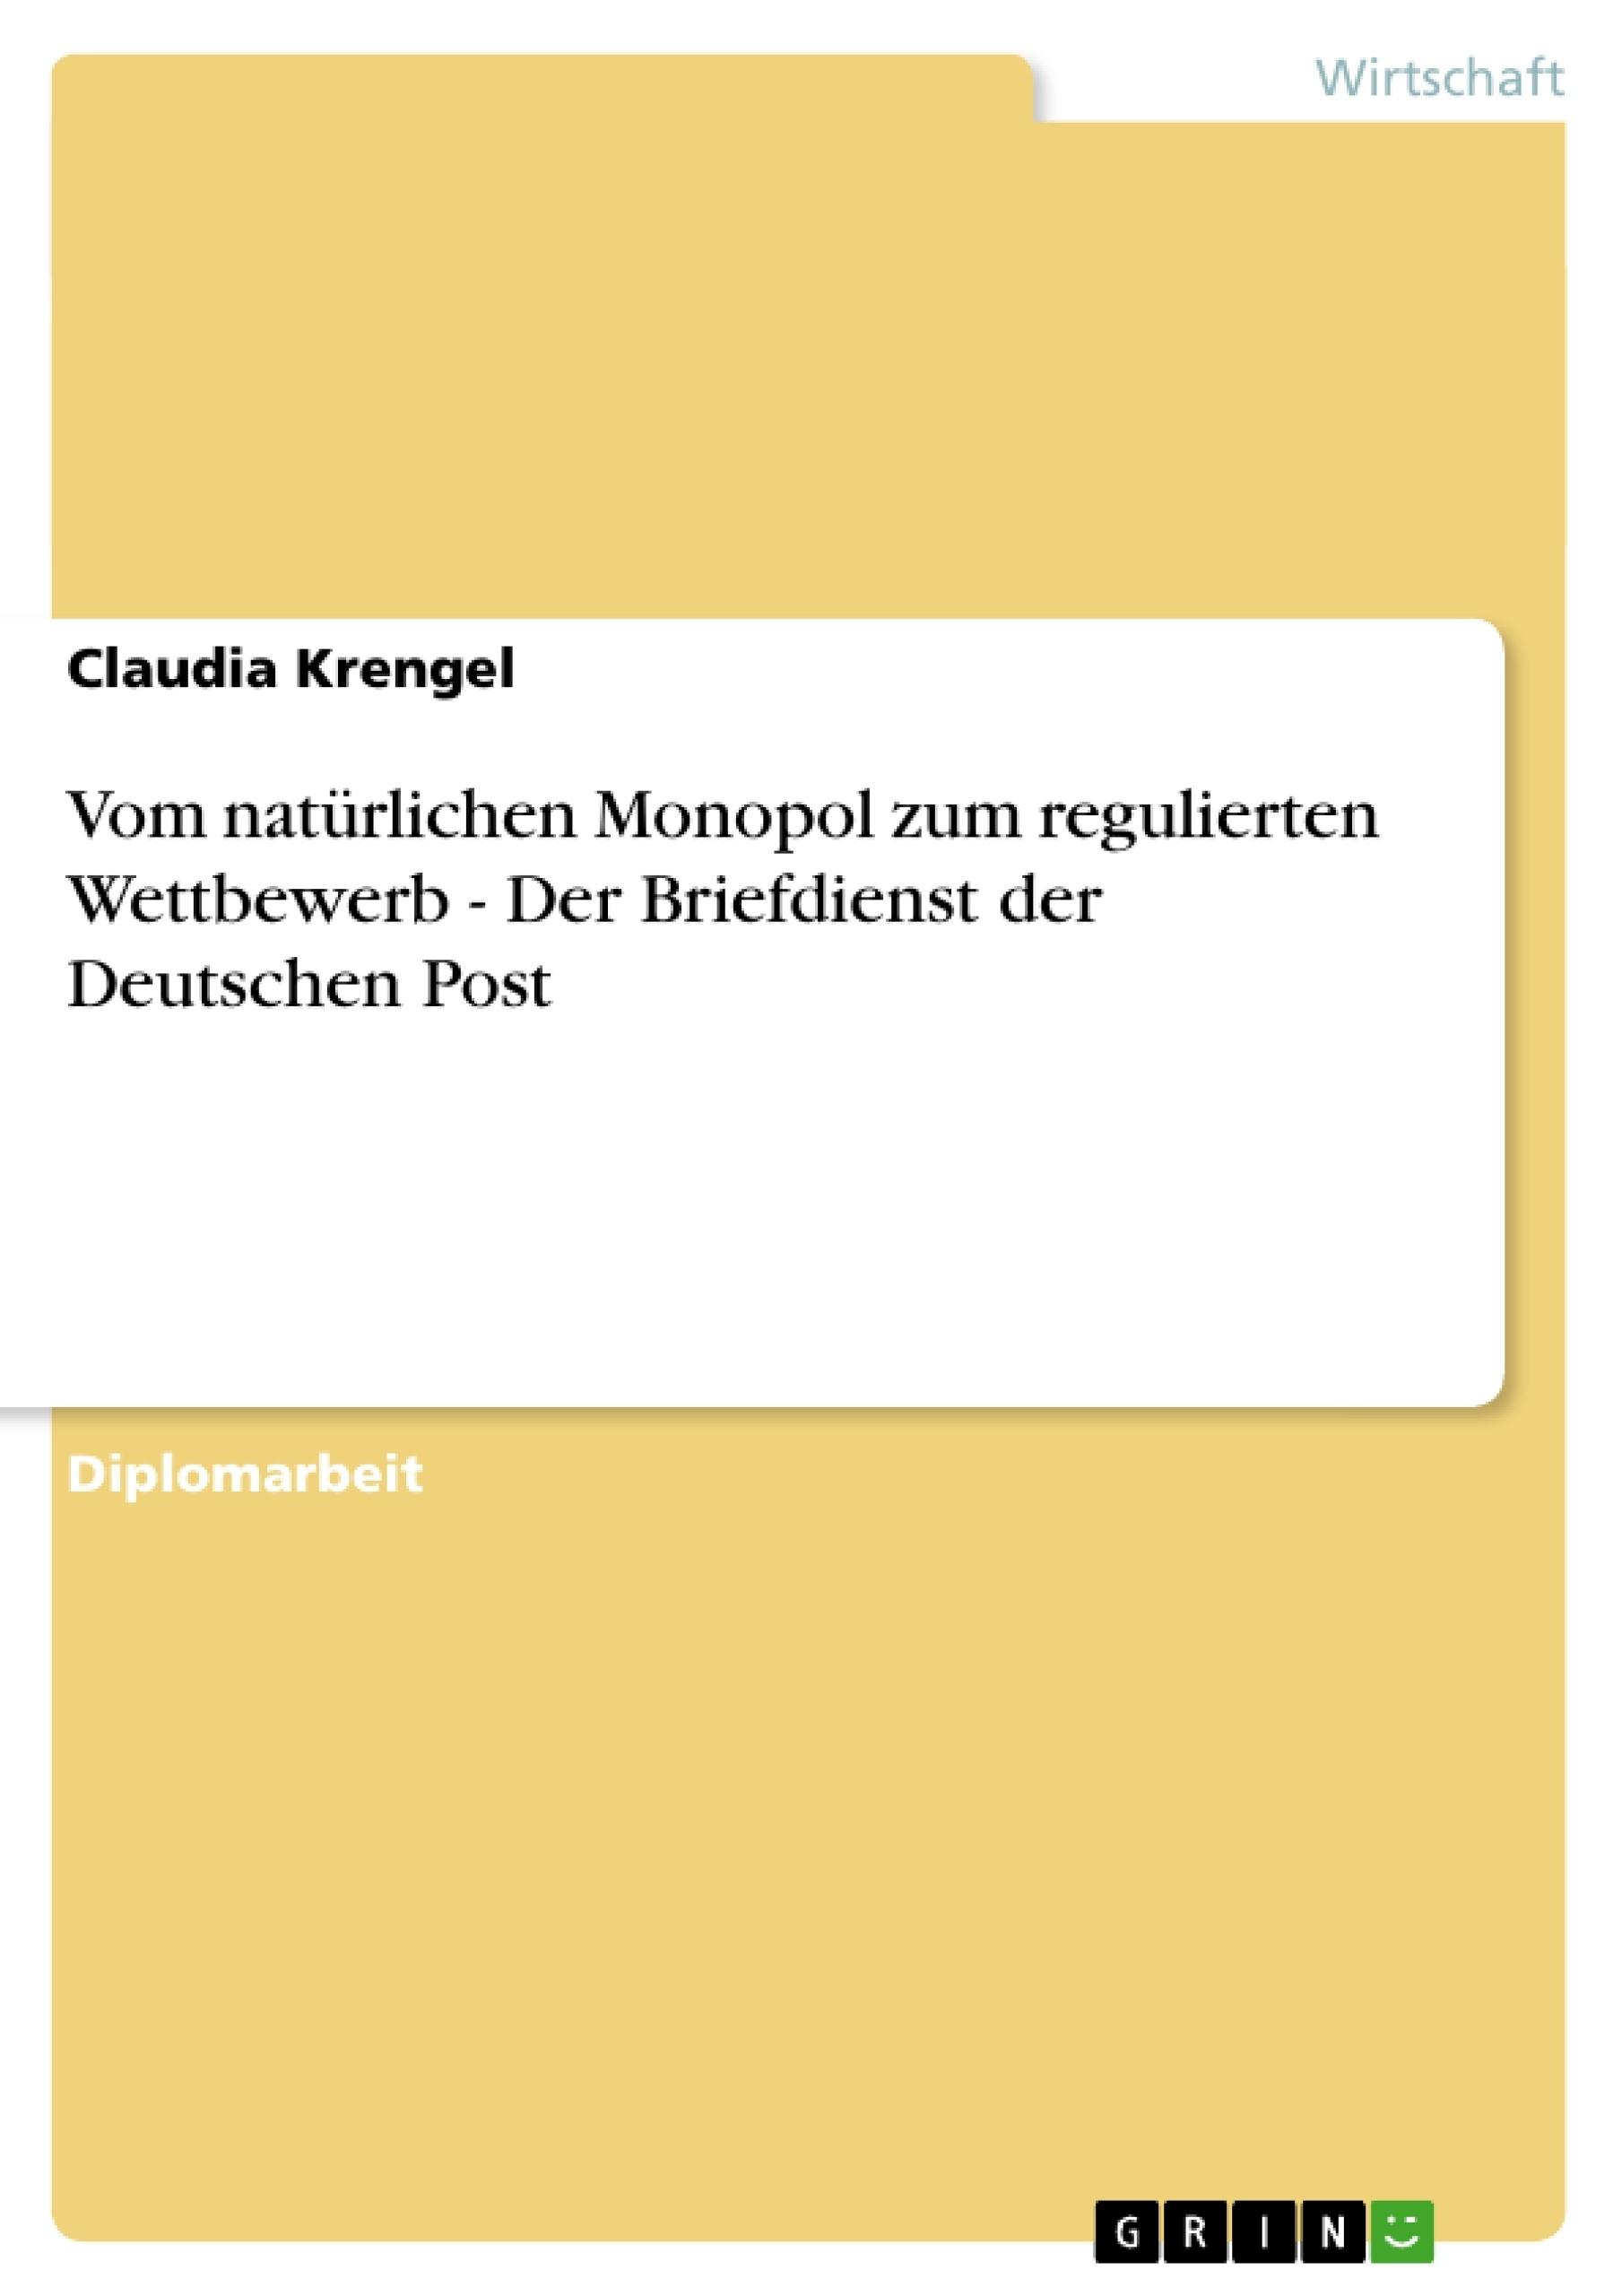 Titel: Vom natürlichen Monopol zum regulierten Wettbewerb - Der Briefdienst der Deutschen Post